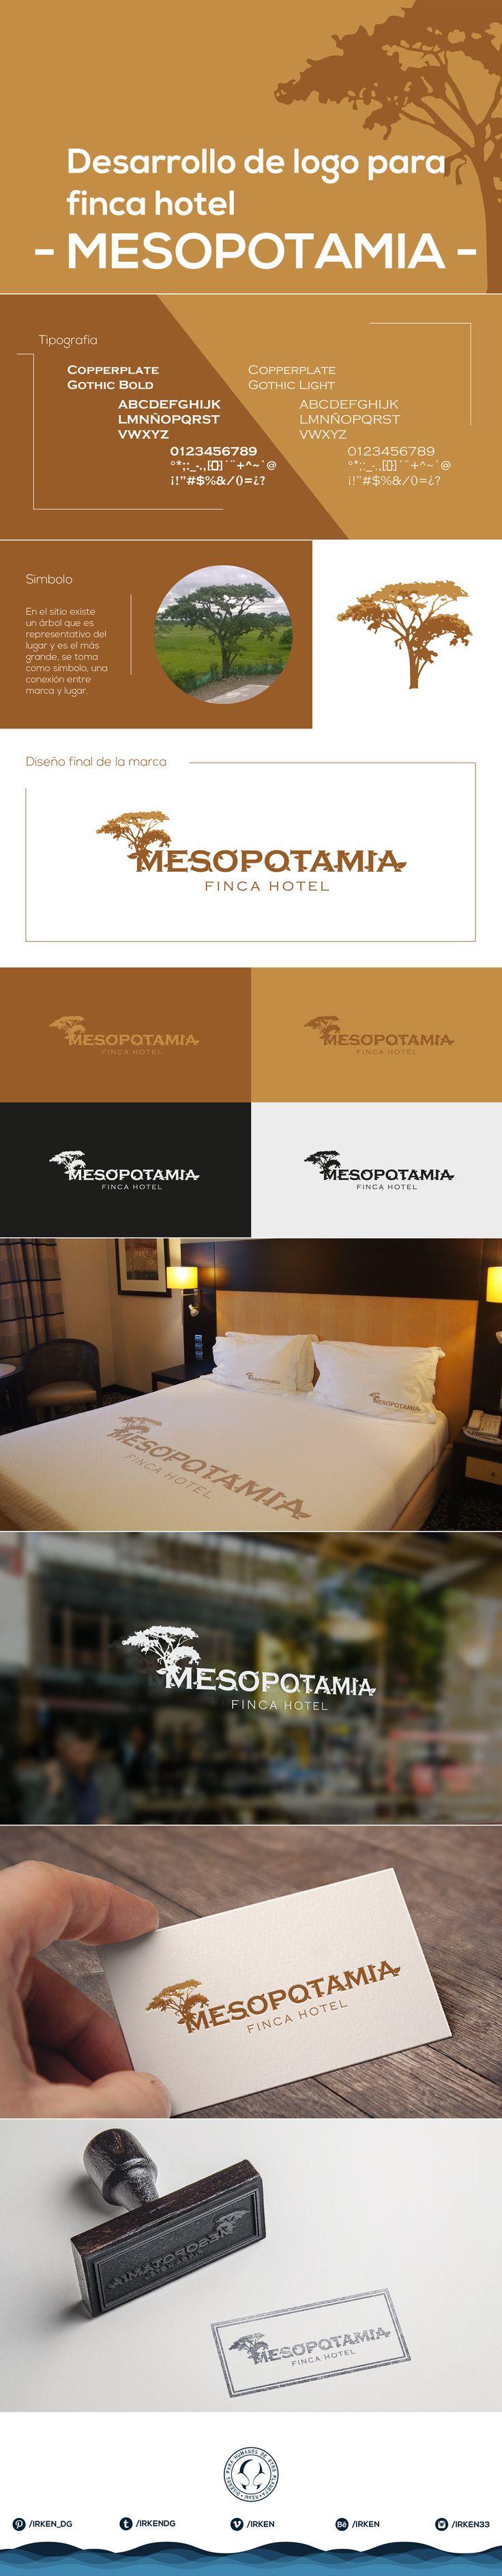 Desarrollo de marca MESOPOTAMIA -finca hotel-  . . . #marca #logo #logotipo #irken #diseño #design #proceso #process #desarrollo #creative #creatividad #finca #hotel